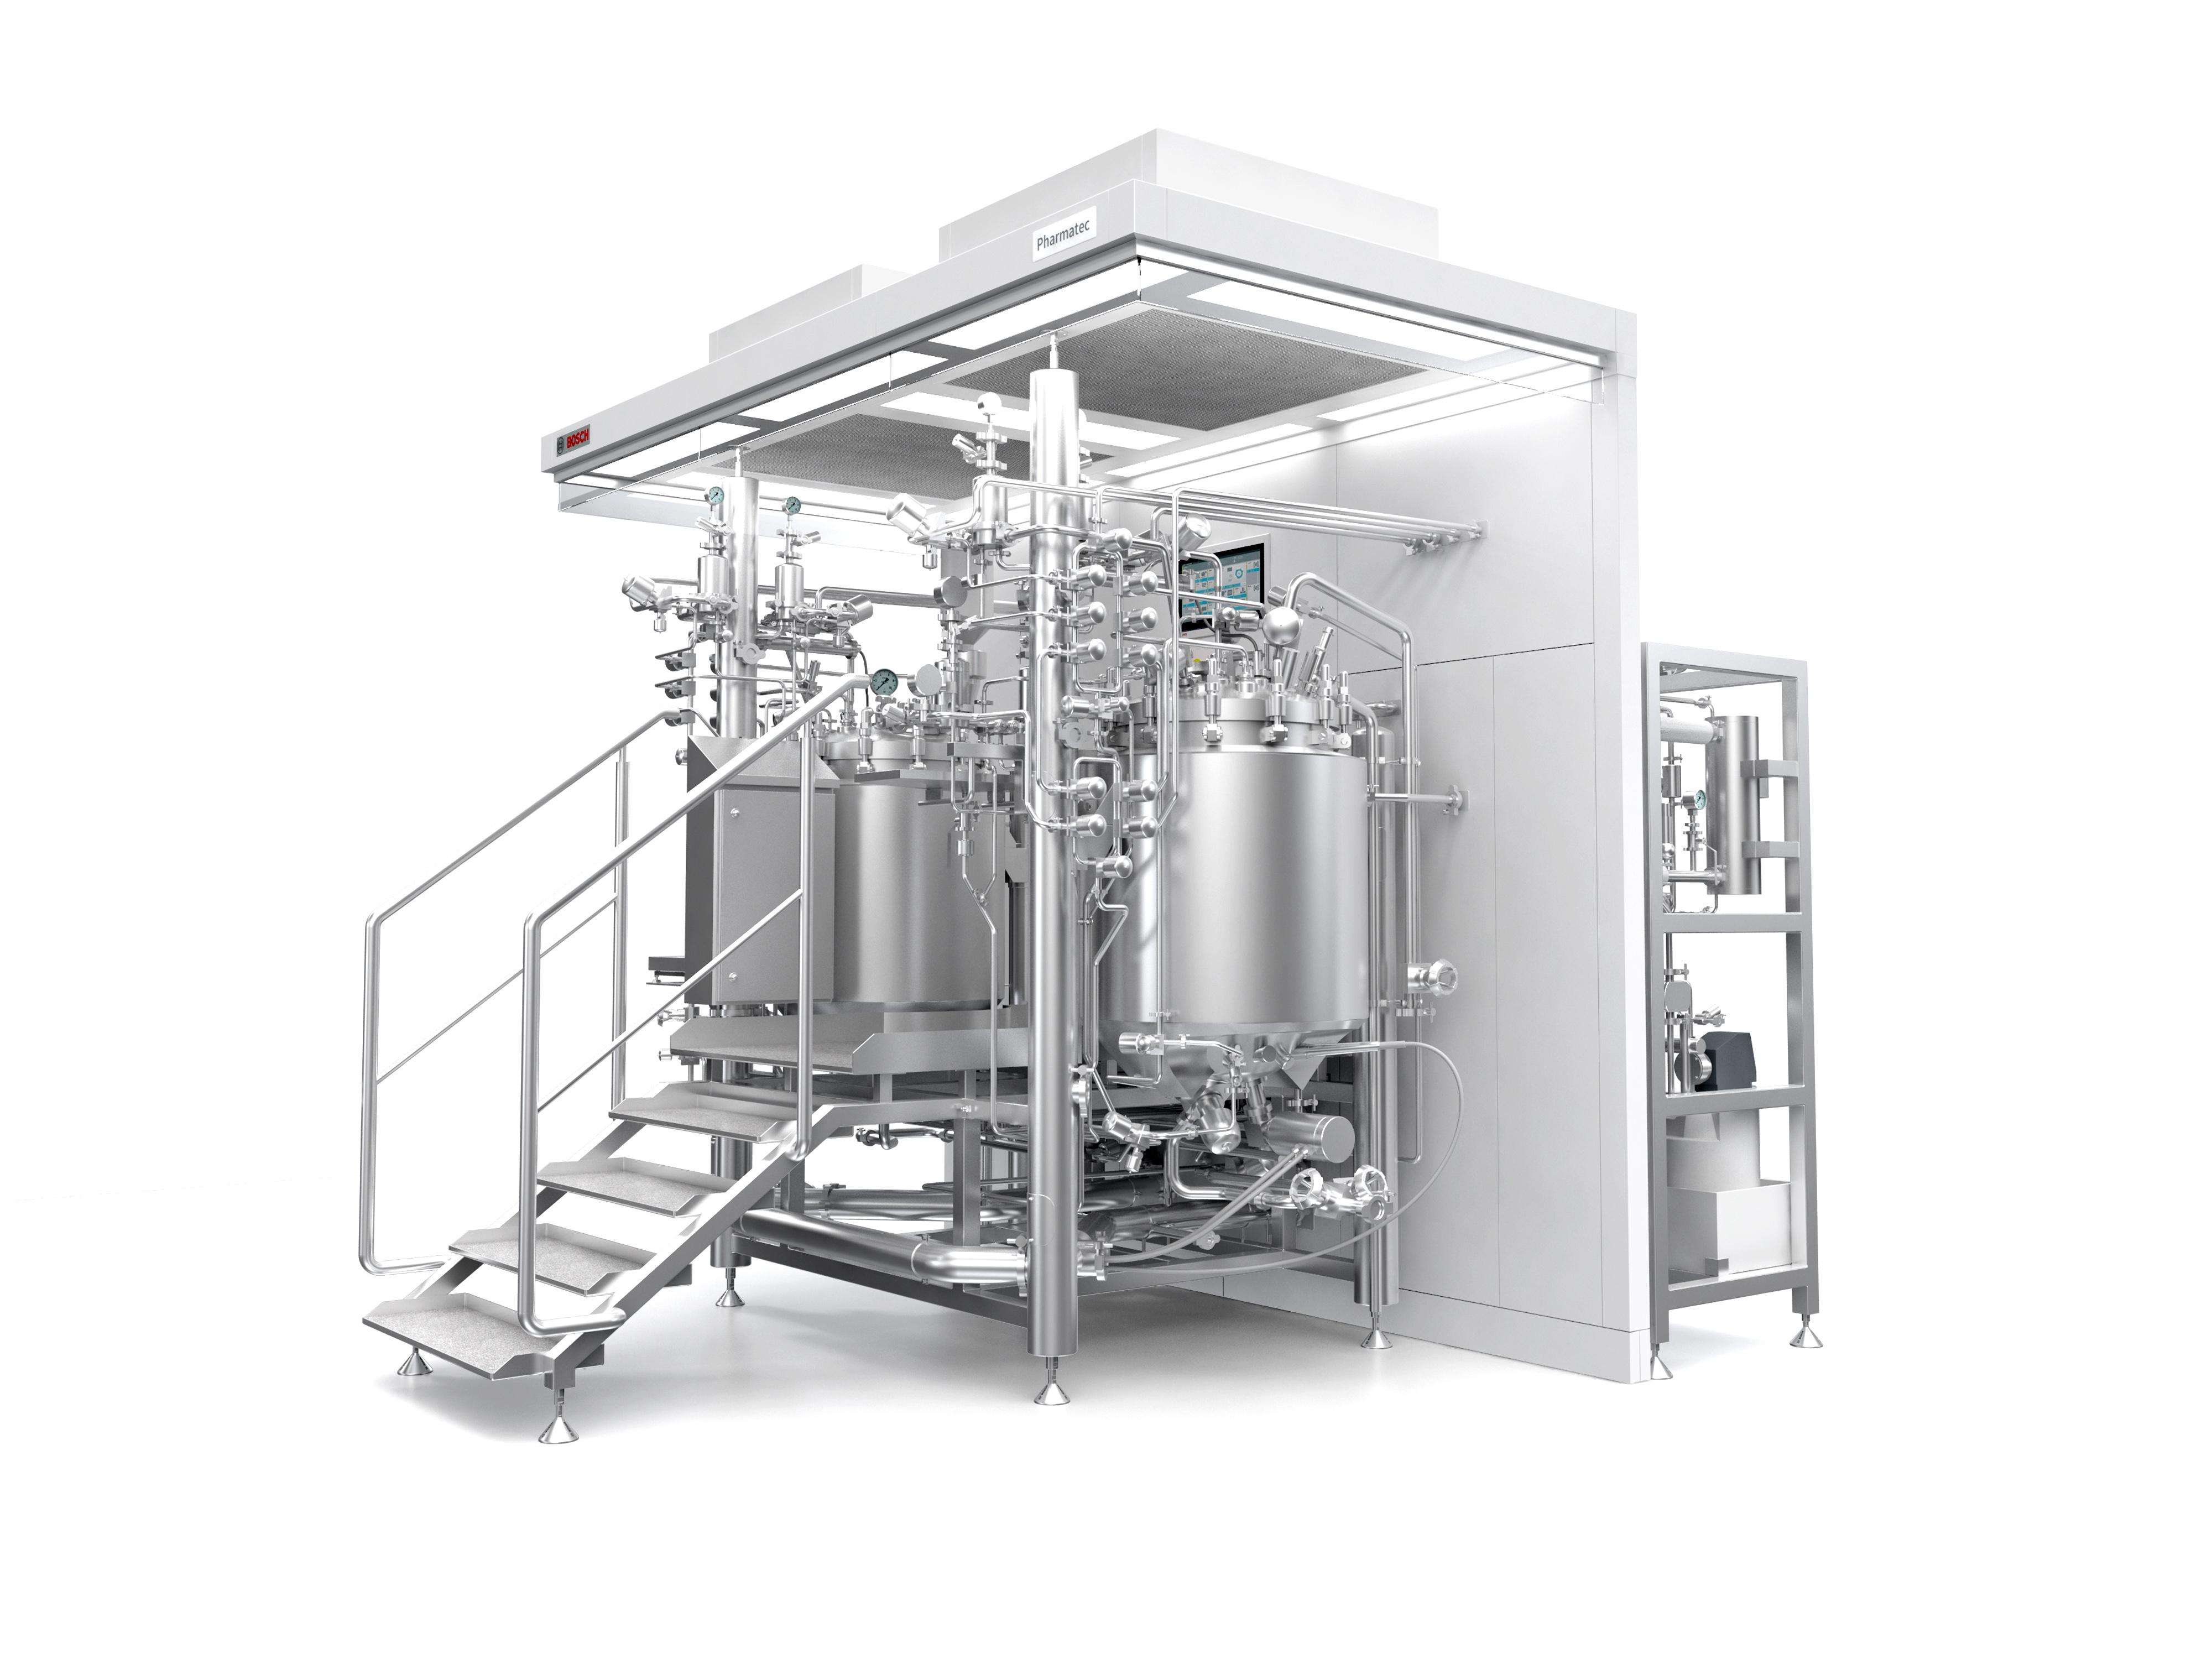 Prozessanlage SVP250 zur Herstellung von Injektionslösungen